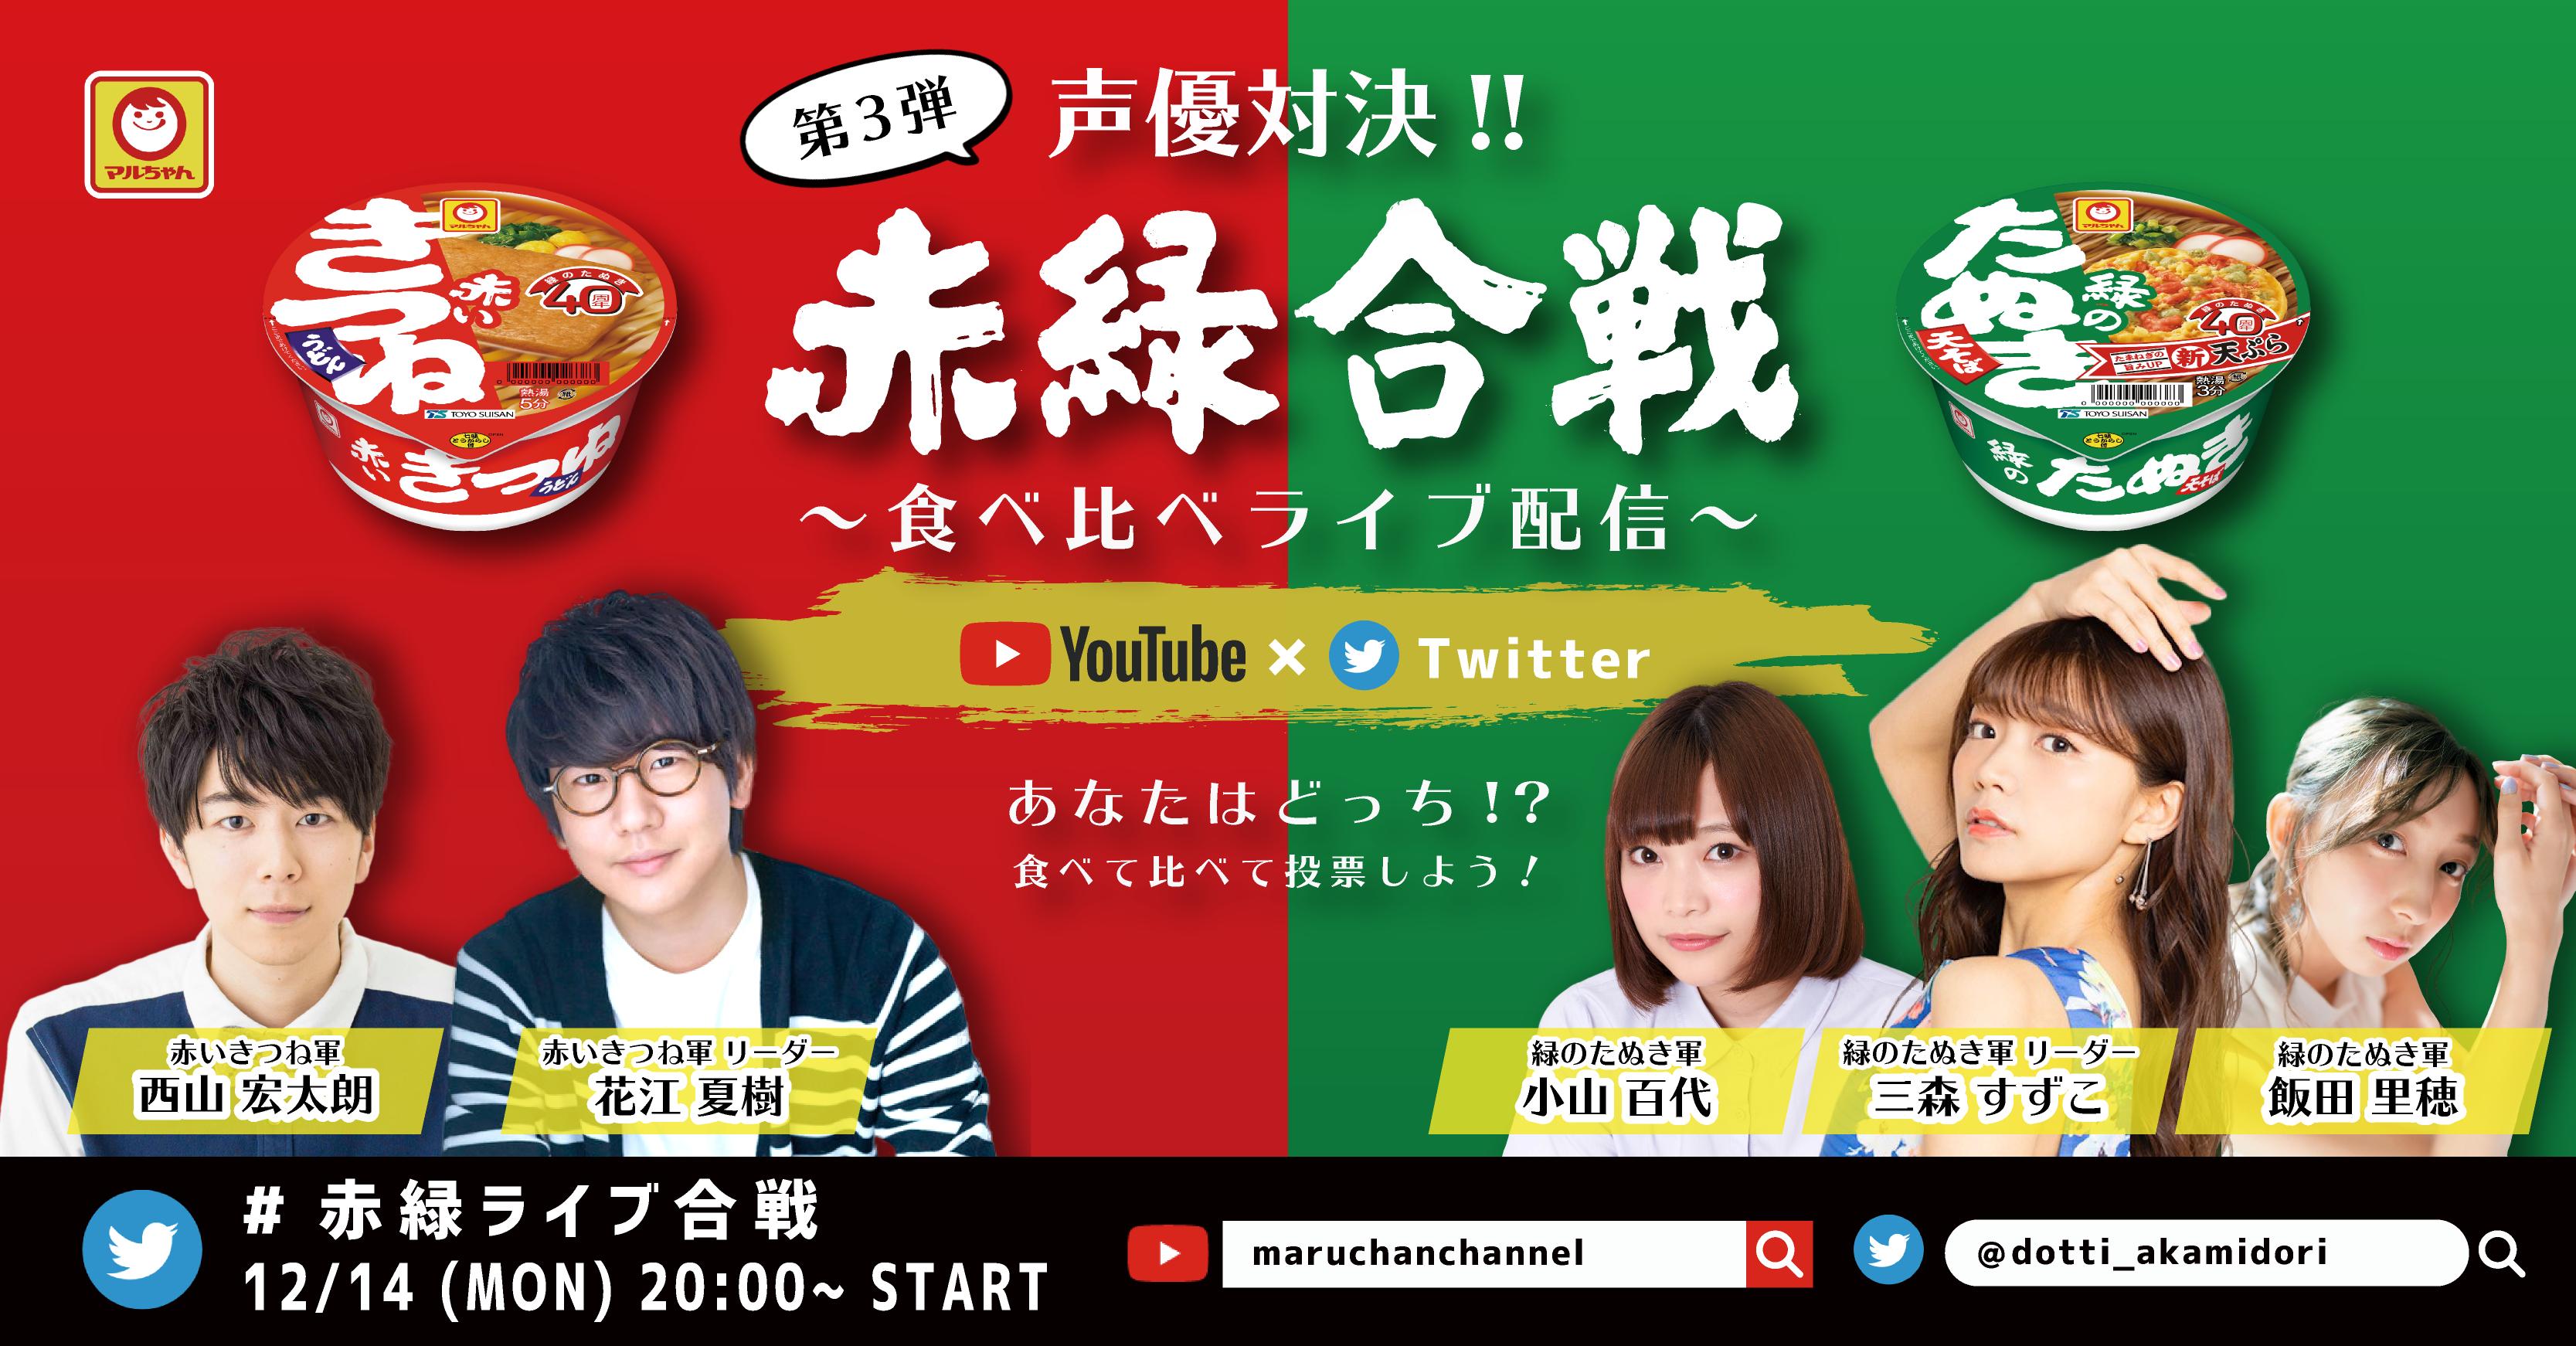 花江夏樹さん・三森すずこさんら人気声優5名が「赤いきつね緑のたぬき」を食べ比べ!生アテレコも実施されるライブ配信決定